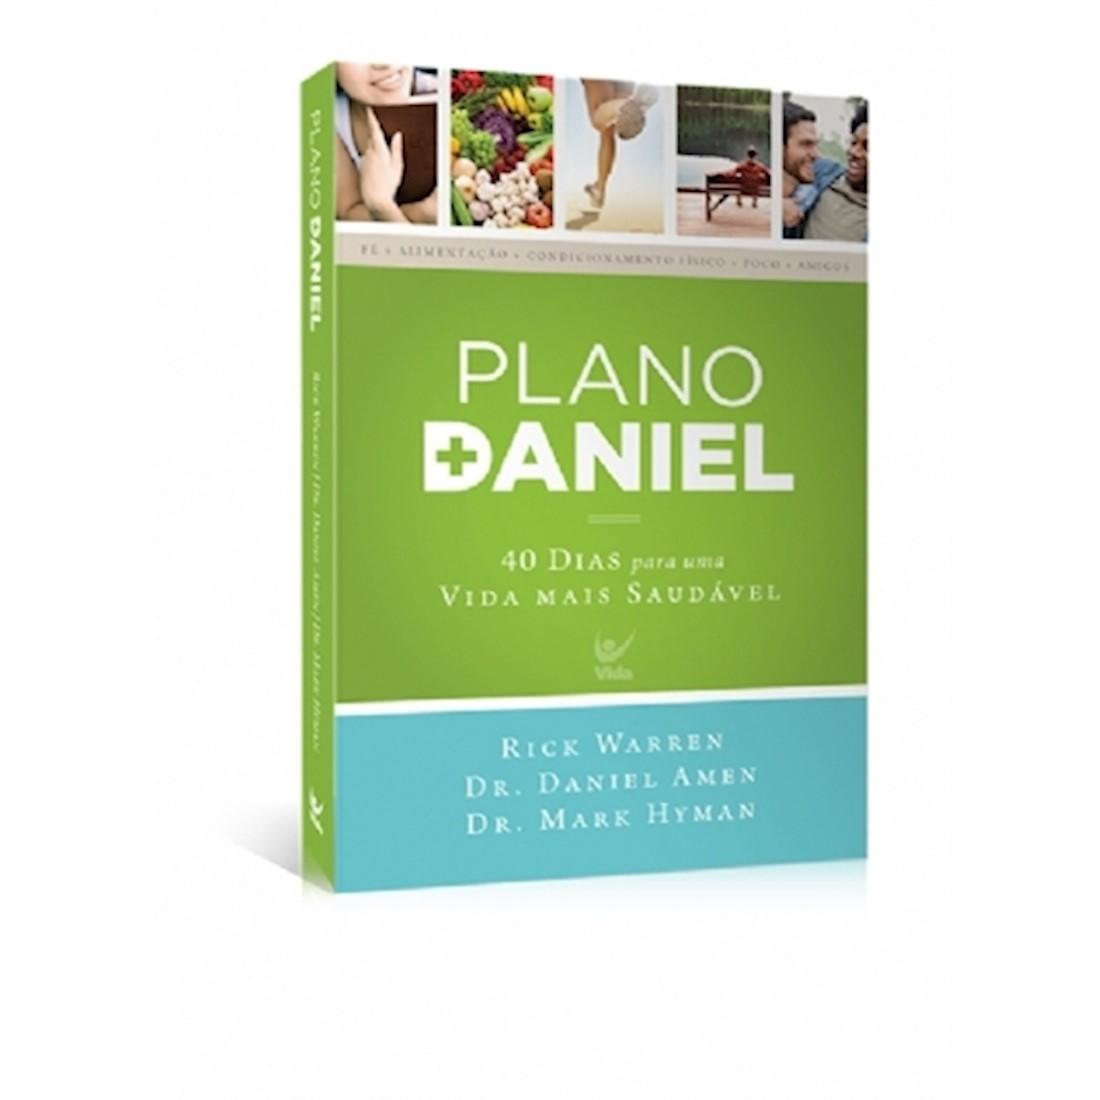 Livro Plano Daniel